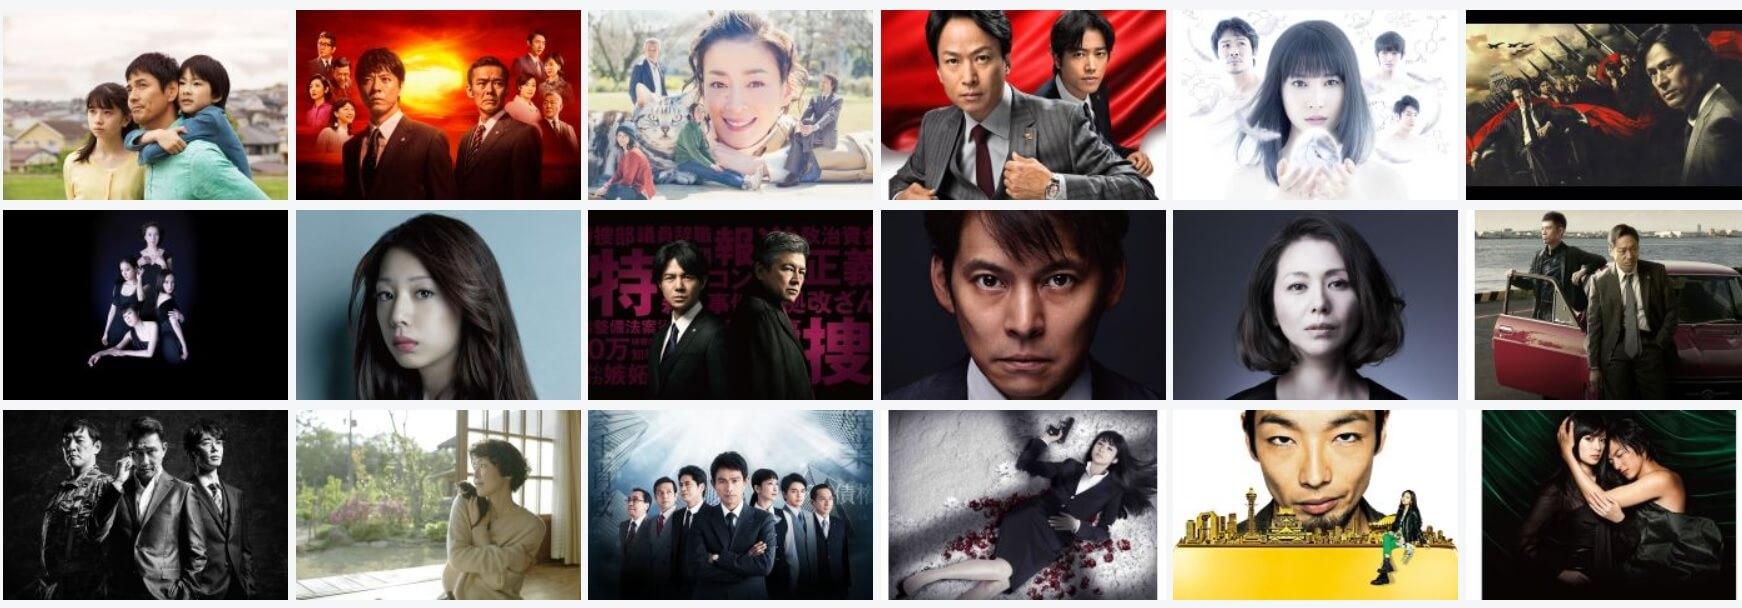 WOWOWのおすすめオリジナルドラマと評判まとめ!「連続ドラマW」シリーズが面白い!